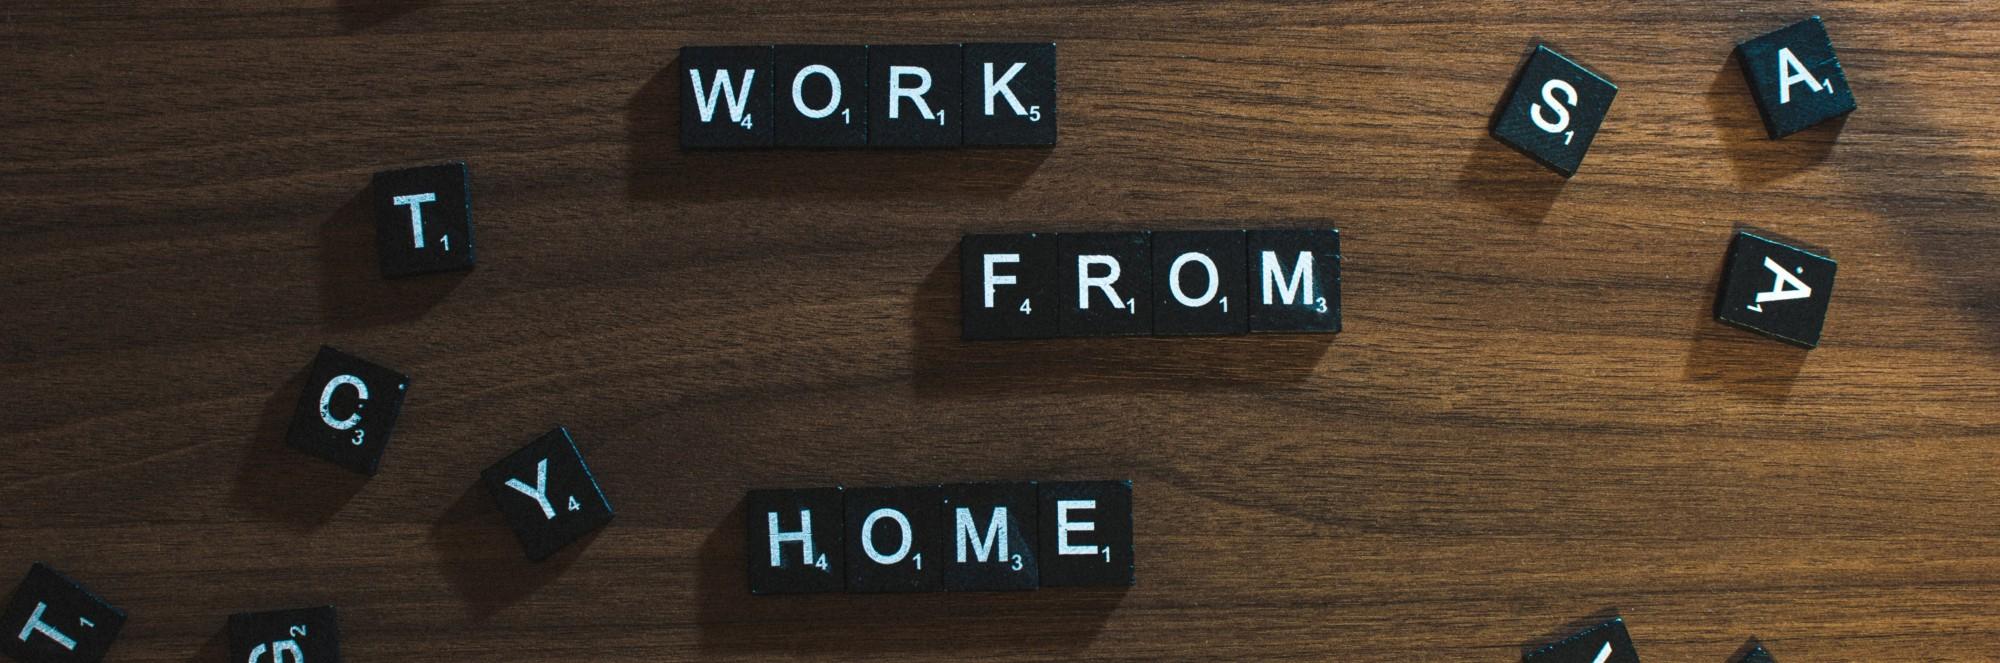 letras-trabajo